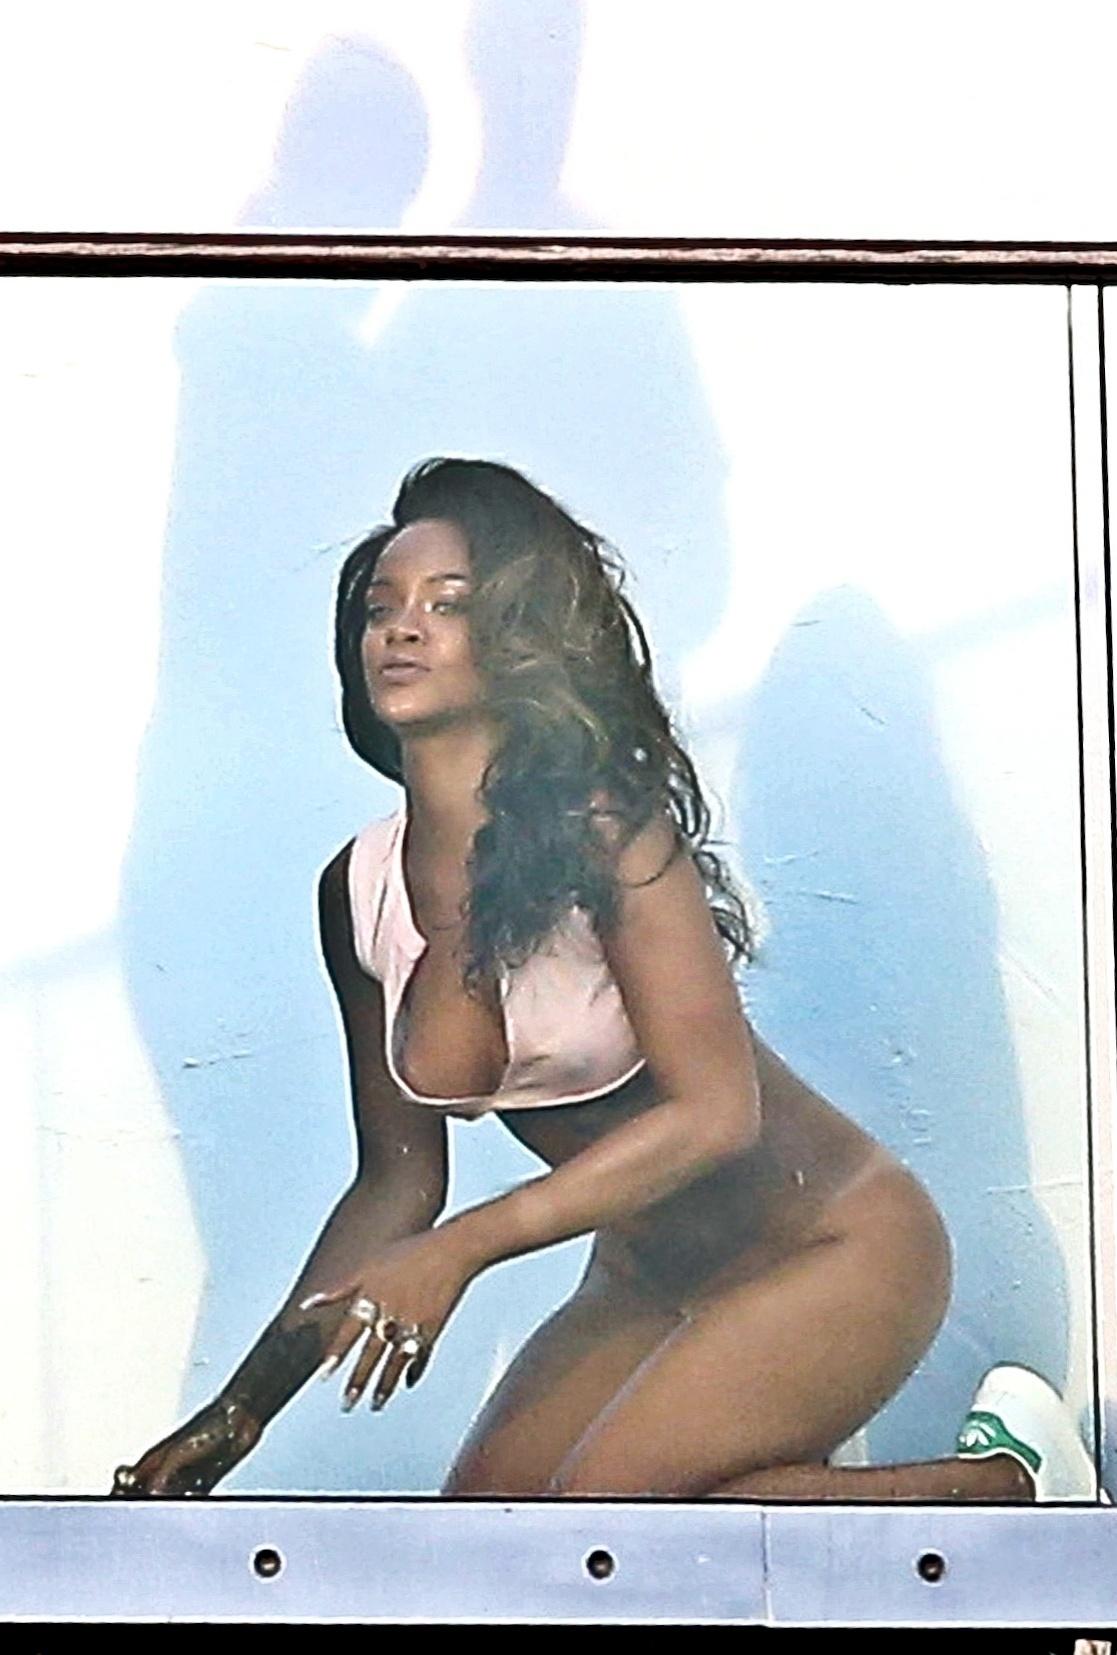 8.abr.2014 - Sem calcinha e com o bumbum à mostra, Rihanna posa para ensaio sensual. A cantora fez as fotos na sacada de um prédio em Hollywood, na Califórnia, e exibiu cabelos mais longos